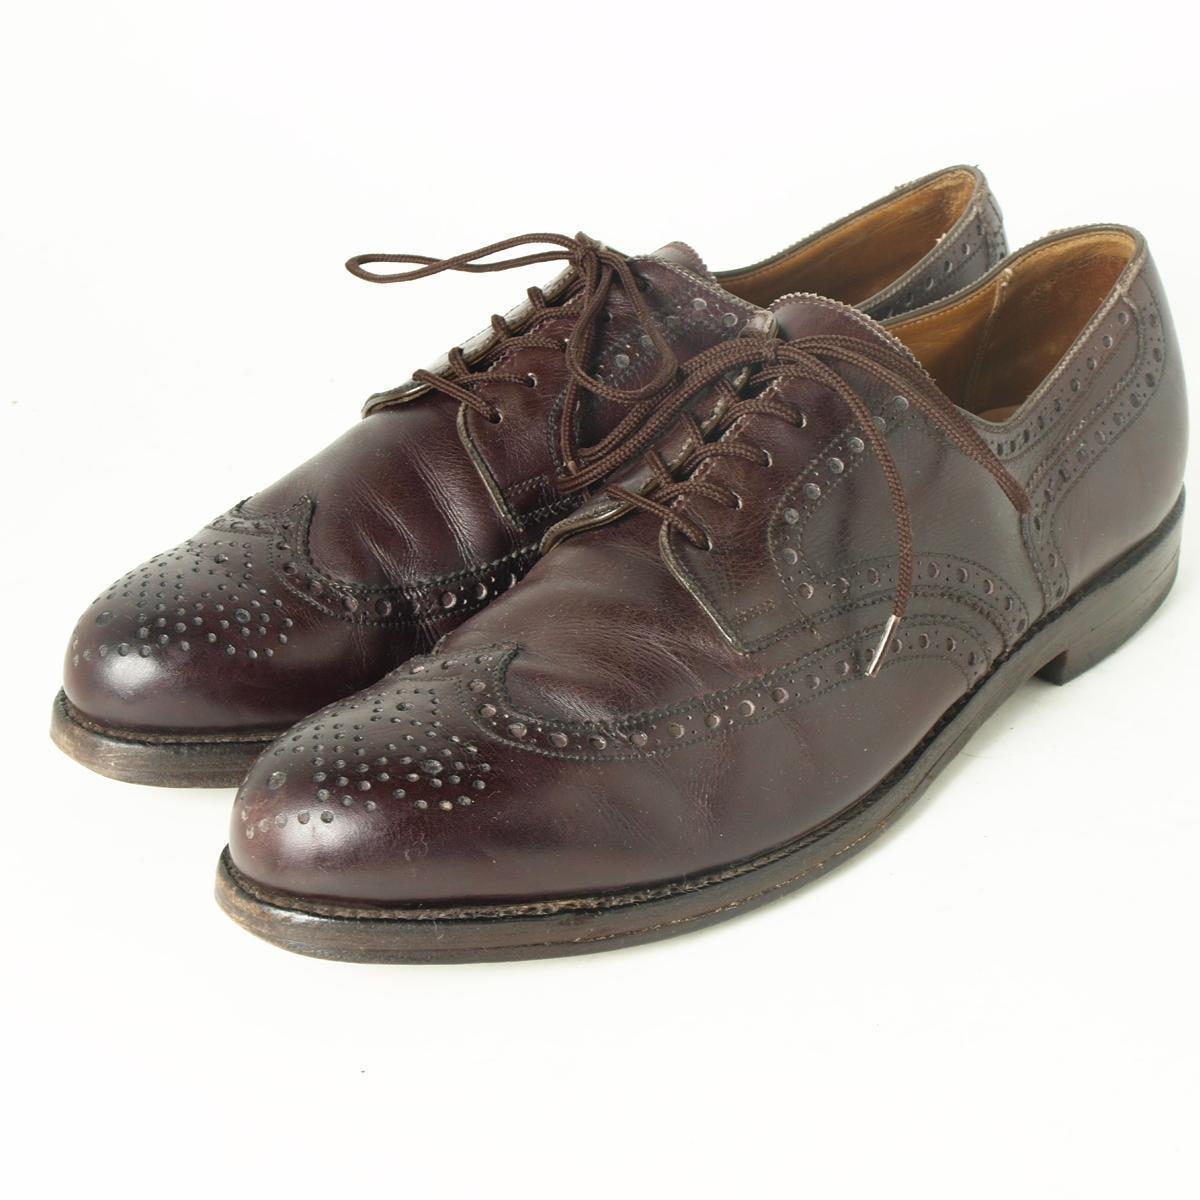 爱德华梅椰ALTIERI德国制造翼梢鞋9B人27.5cm EDUARD MEIER/boi4238 160314